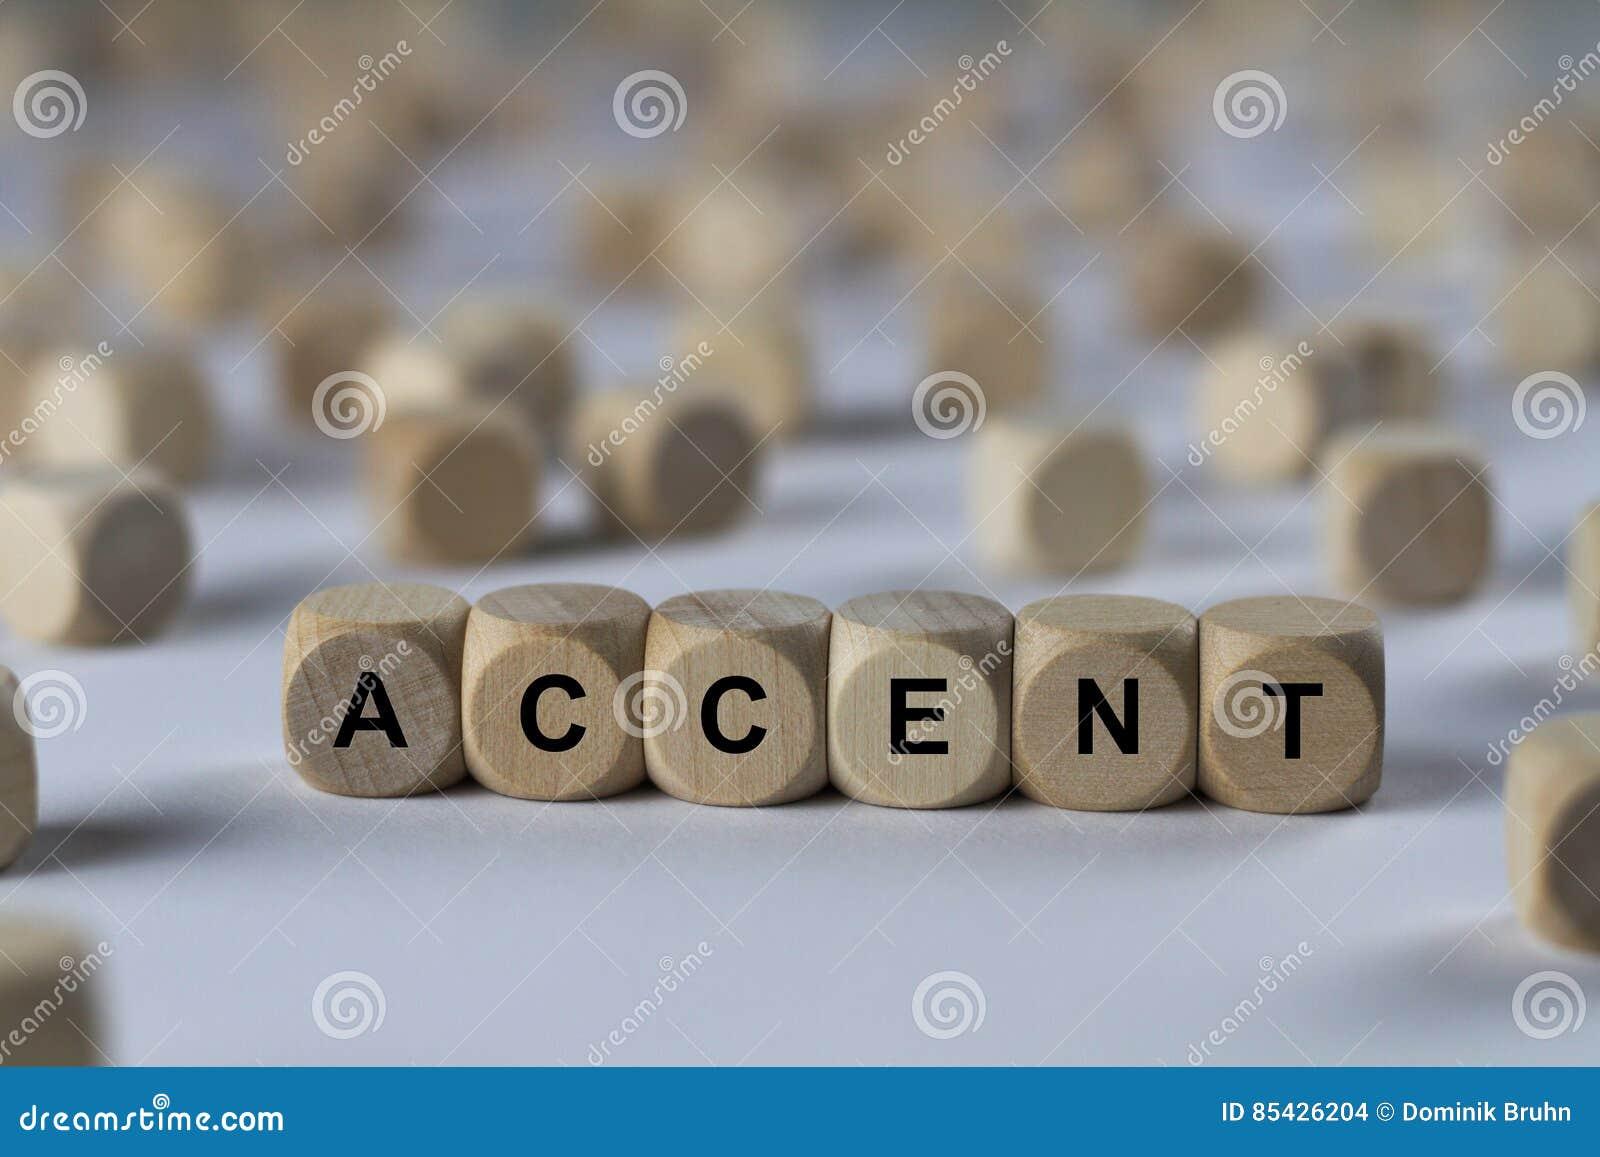 Έμφαση - κύβος με τις επιστολές, σημάδι με τους ξύλινους κύβους